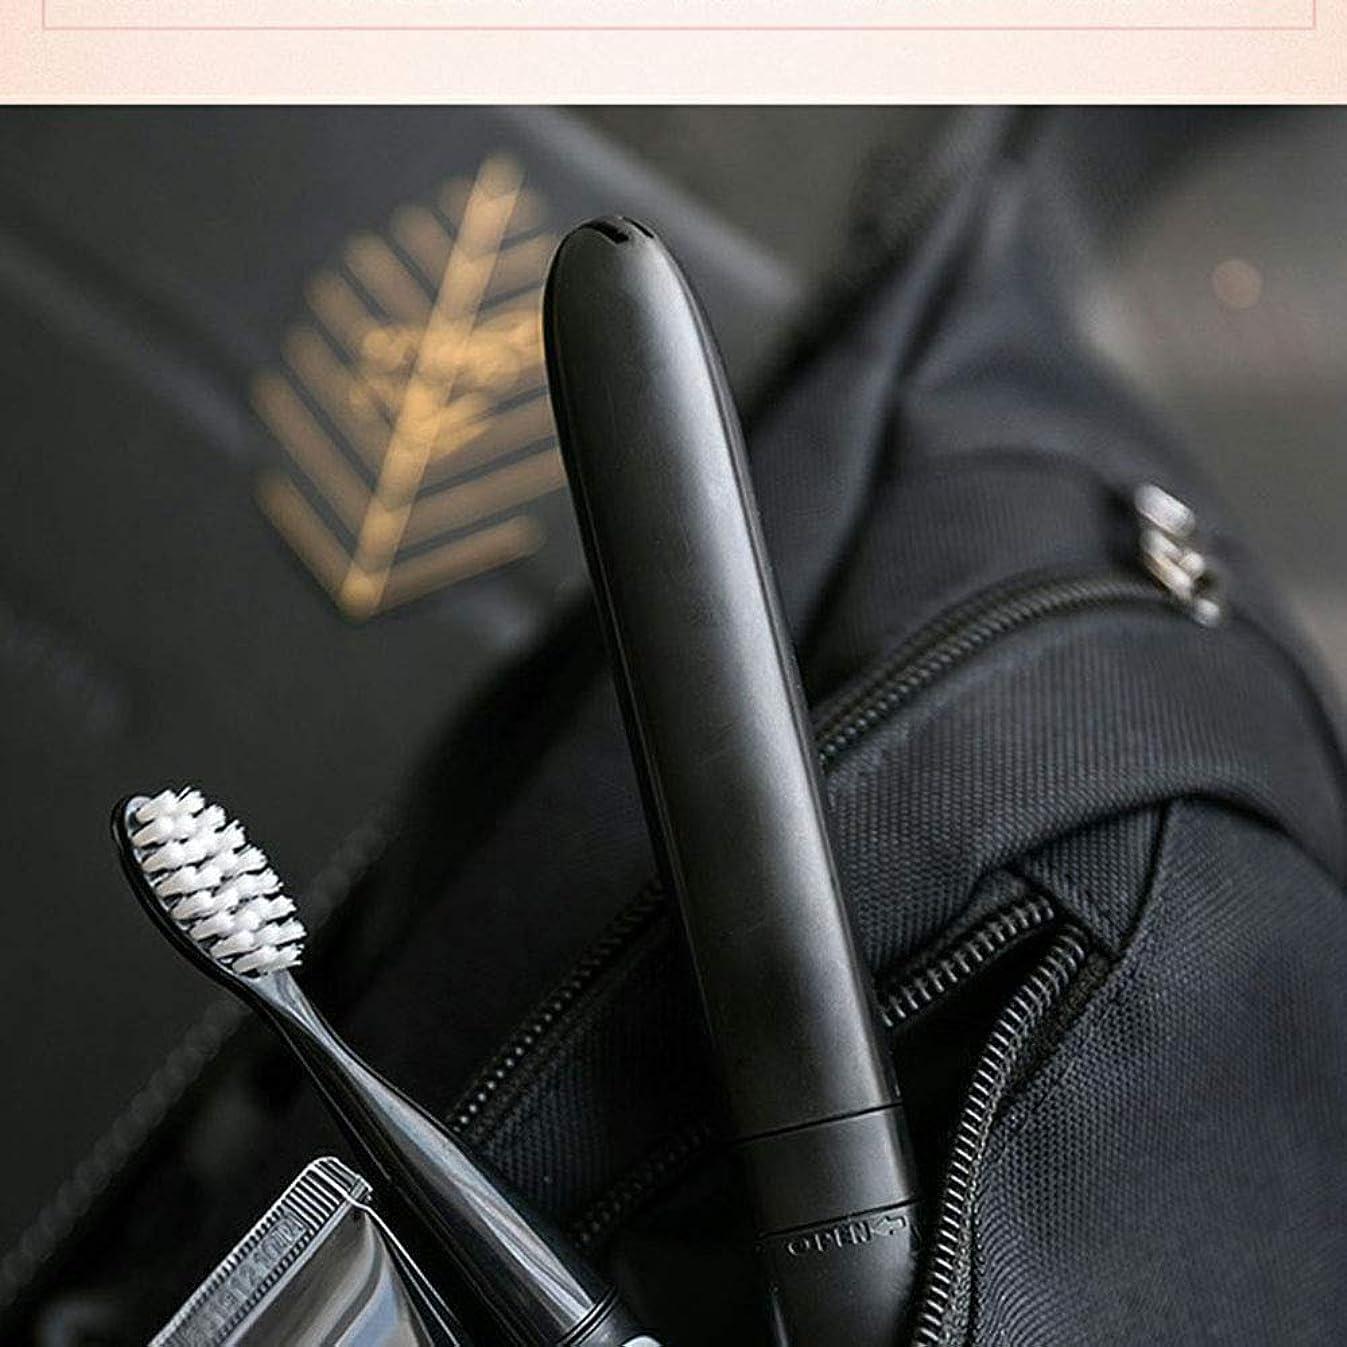 奨励します悪性腫瘍テラス電動歯ブラシ、大人用電動歯ブラシ便利なレイジーギフトソニック自動電動歯ブラシ,黒